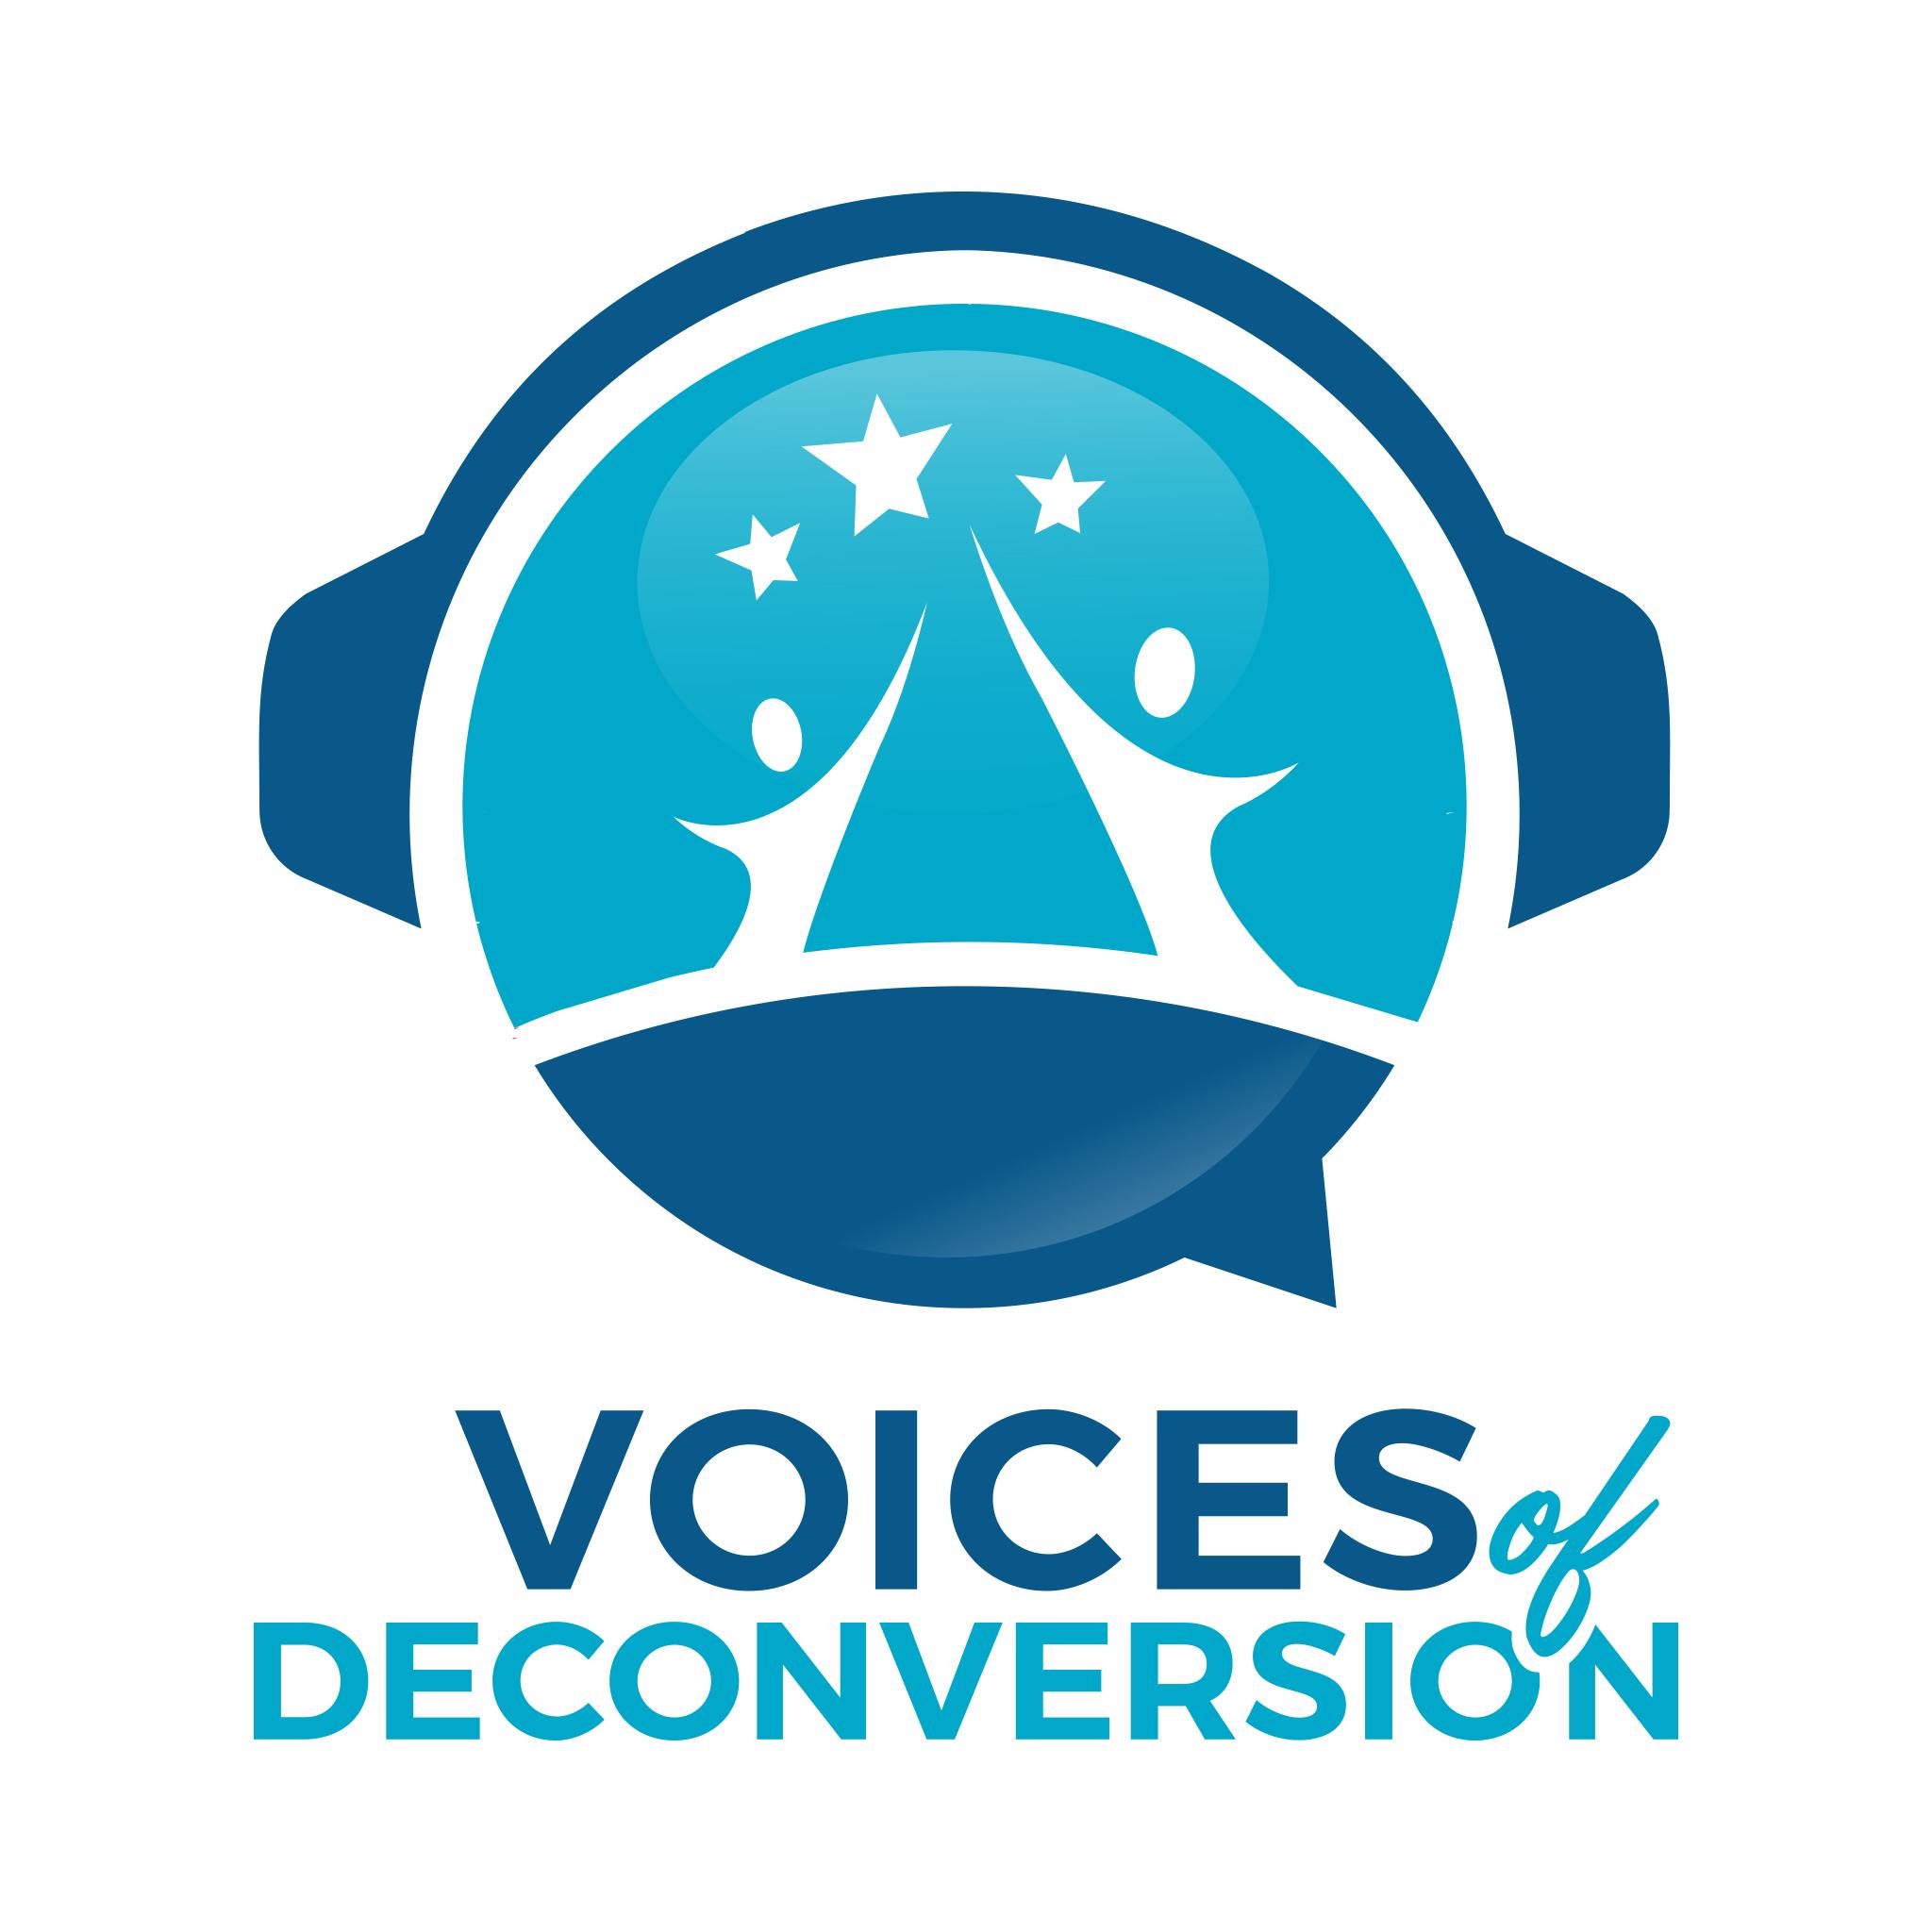 Voices of Deconversion logo